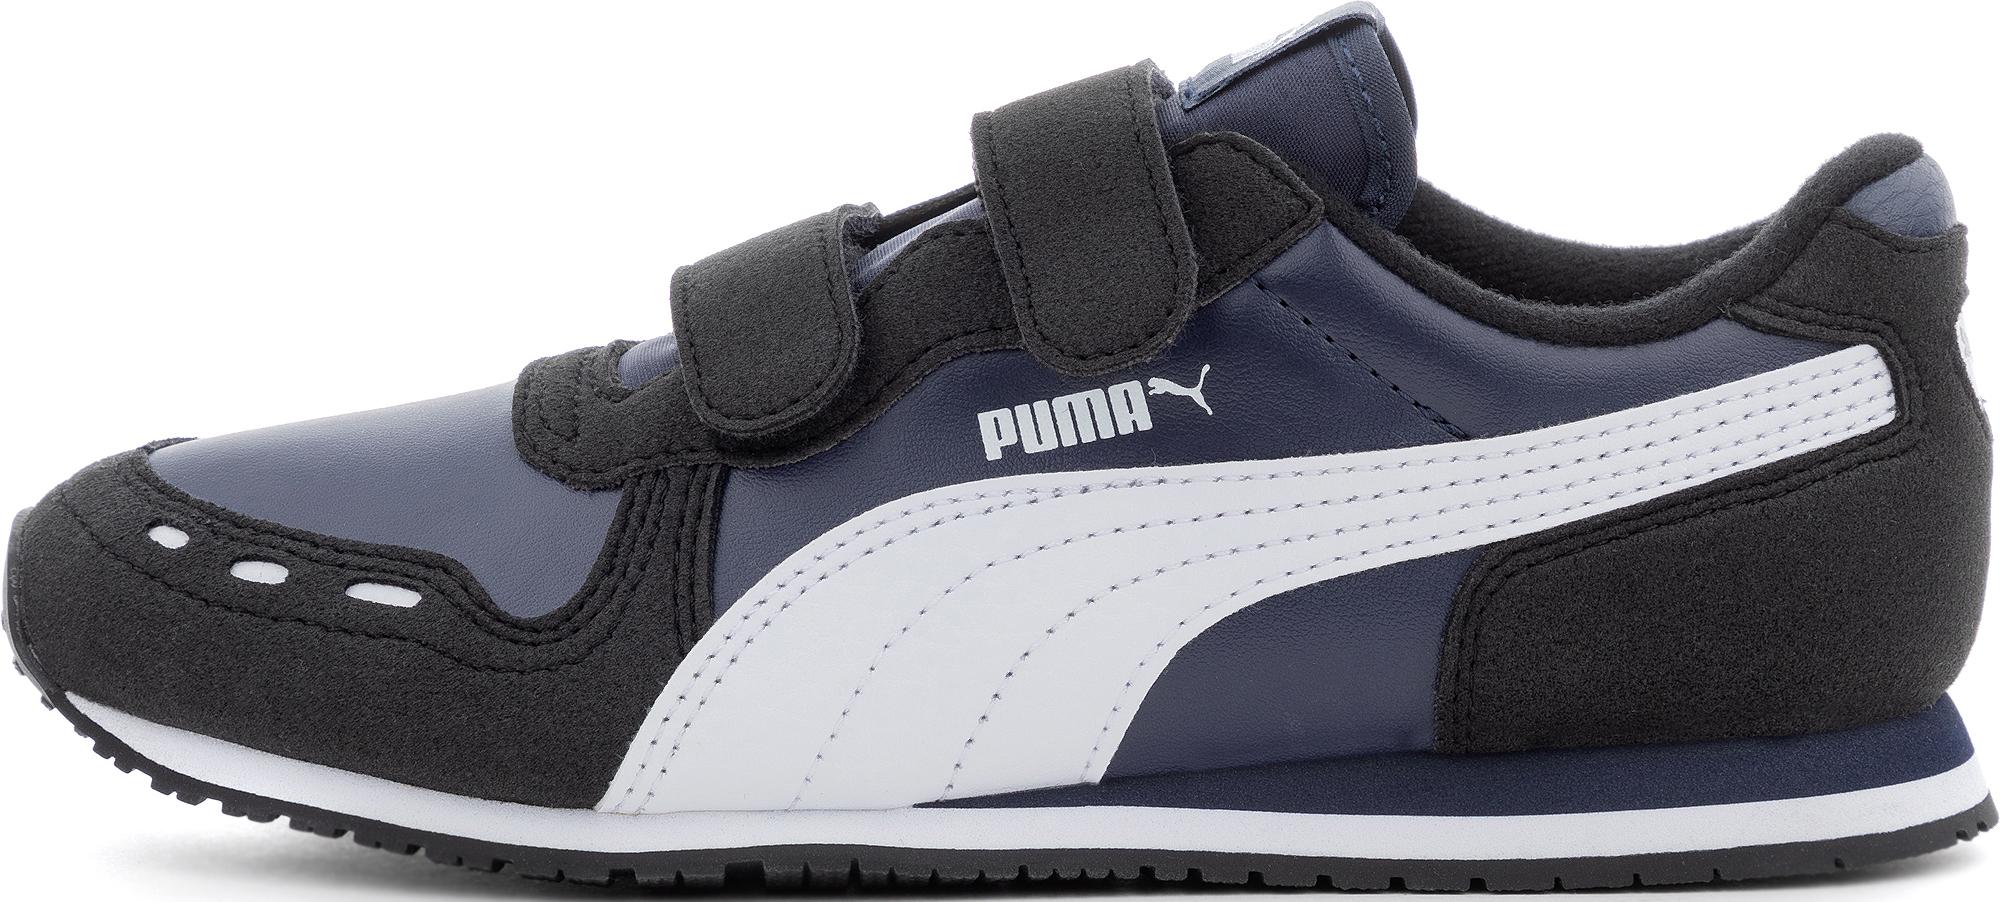 цена Puma Кроссовки для мальчиков Puma Cabana Racer Sl V Ps, размер 34 онлайн в 2017 году